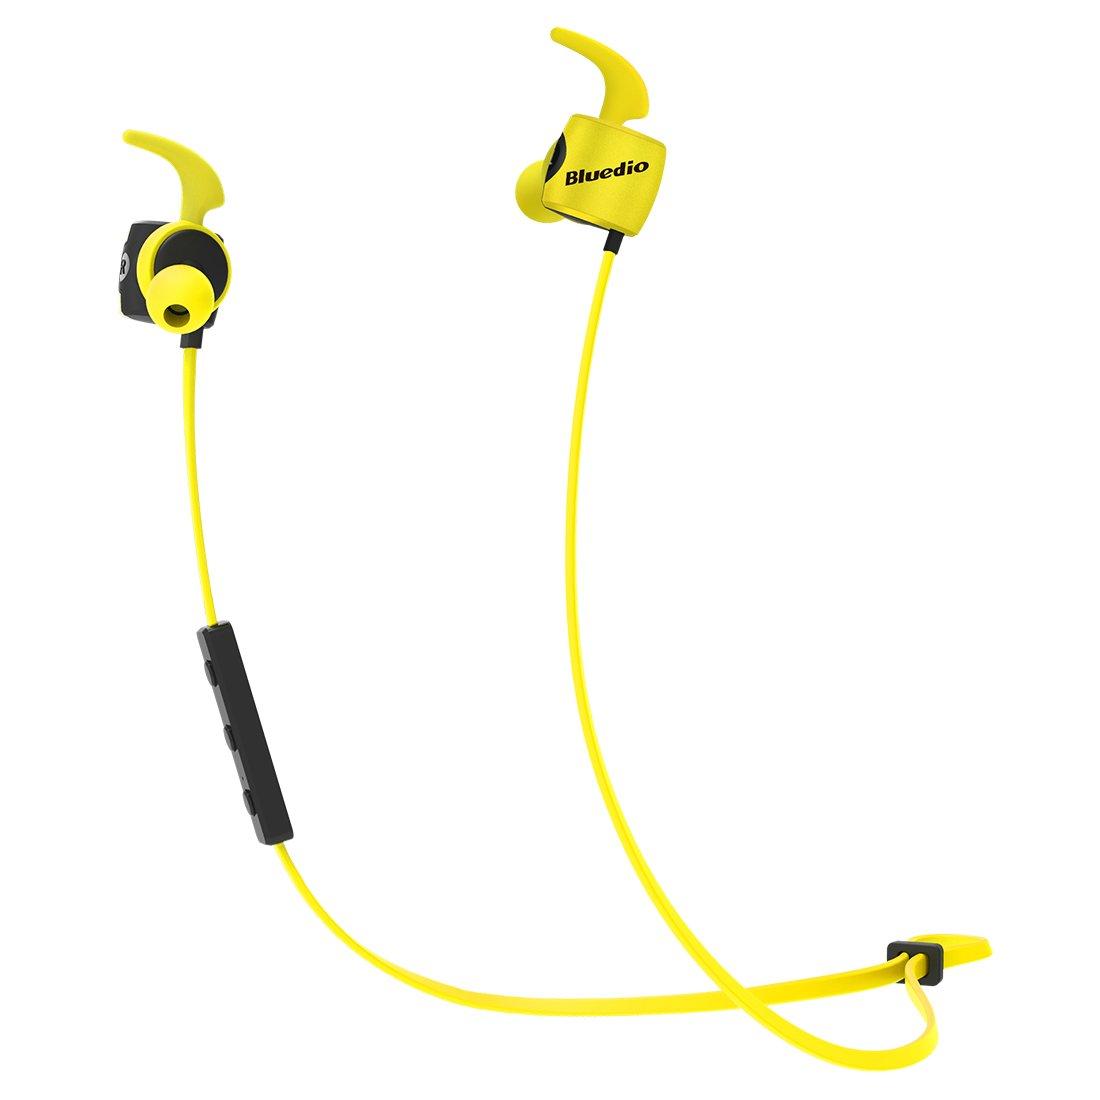 Amazon.com: Bluedio TE (Turbine) Bluetooth 4.1 Wireless Sports ...